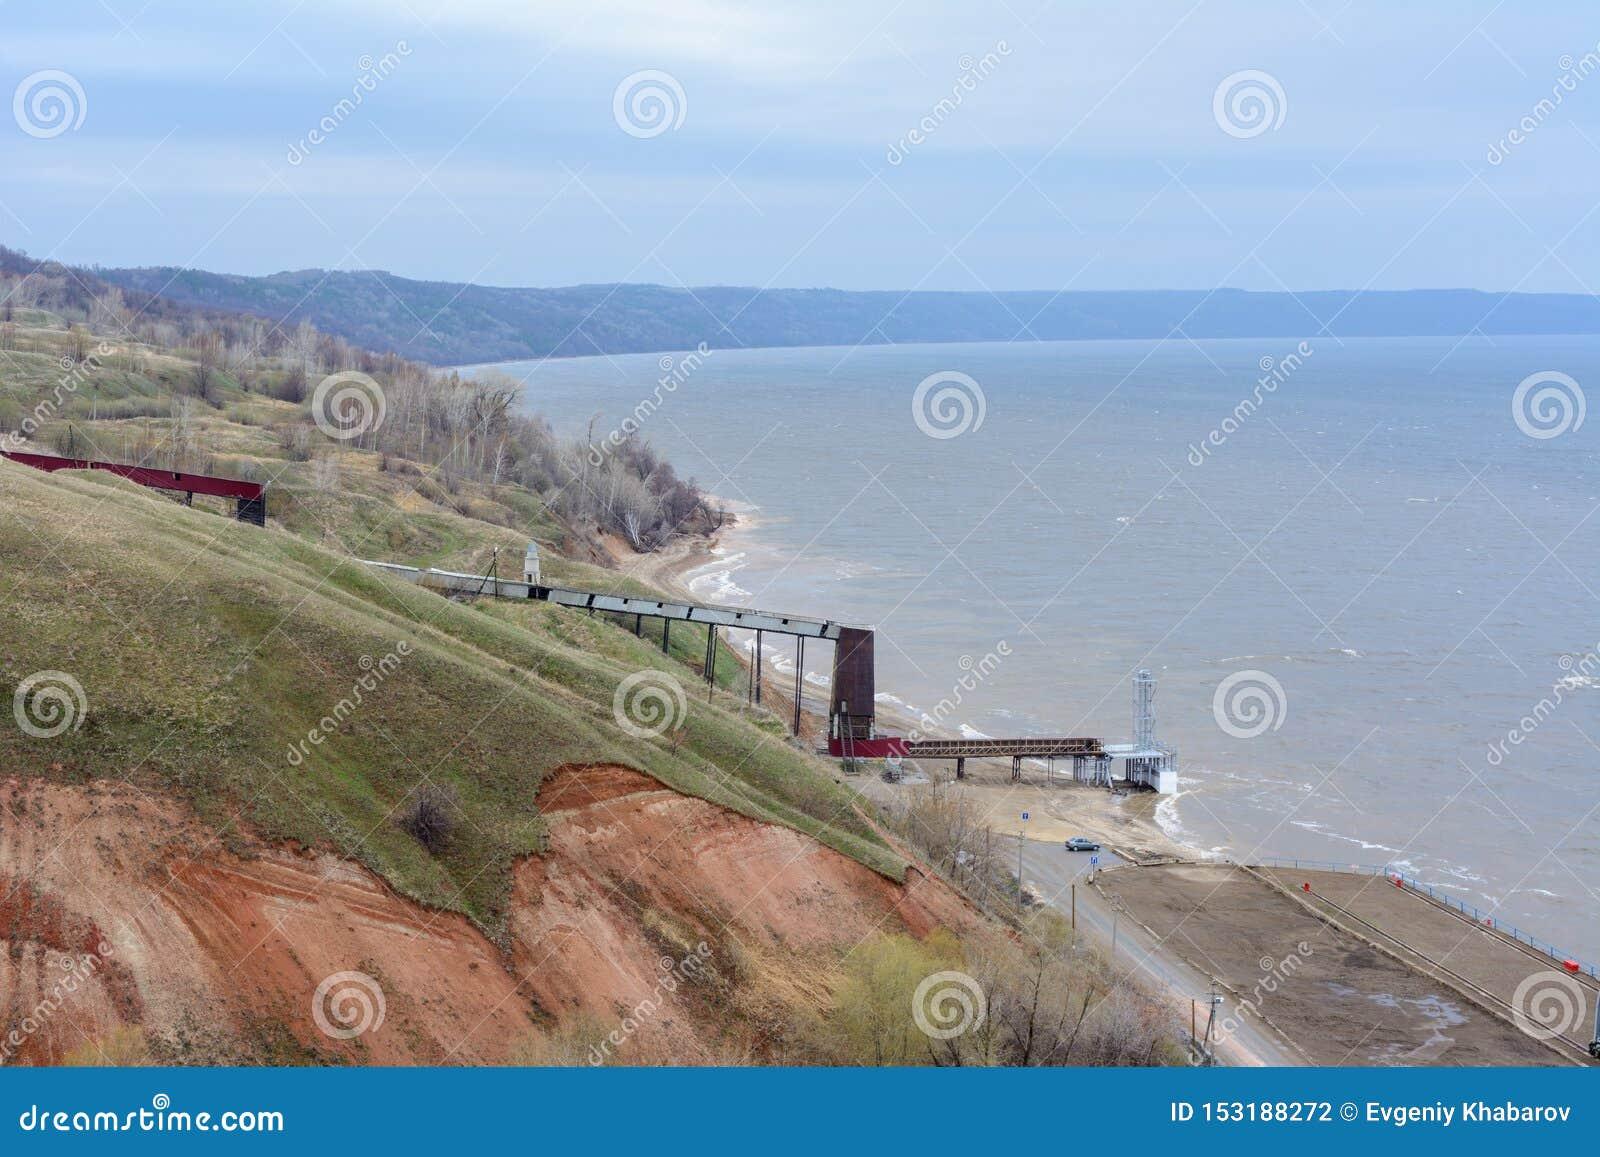 Банки каменистых, камешка и глины Рекы Волга Наклон горы различных каменных утесов Пасмурный день весны с дождем r